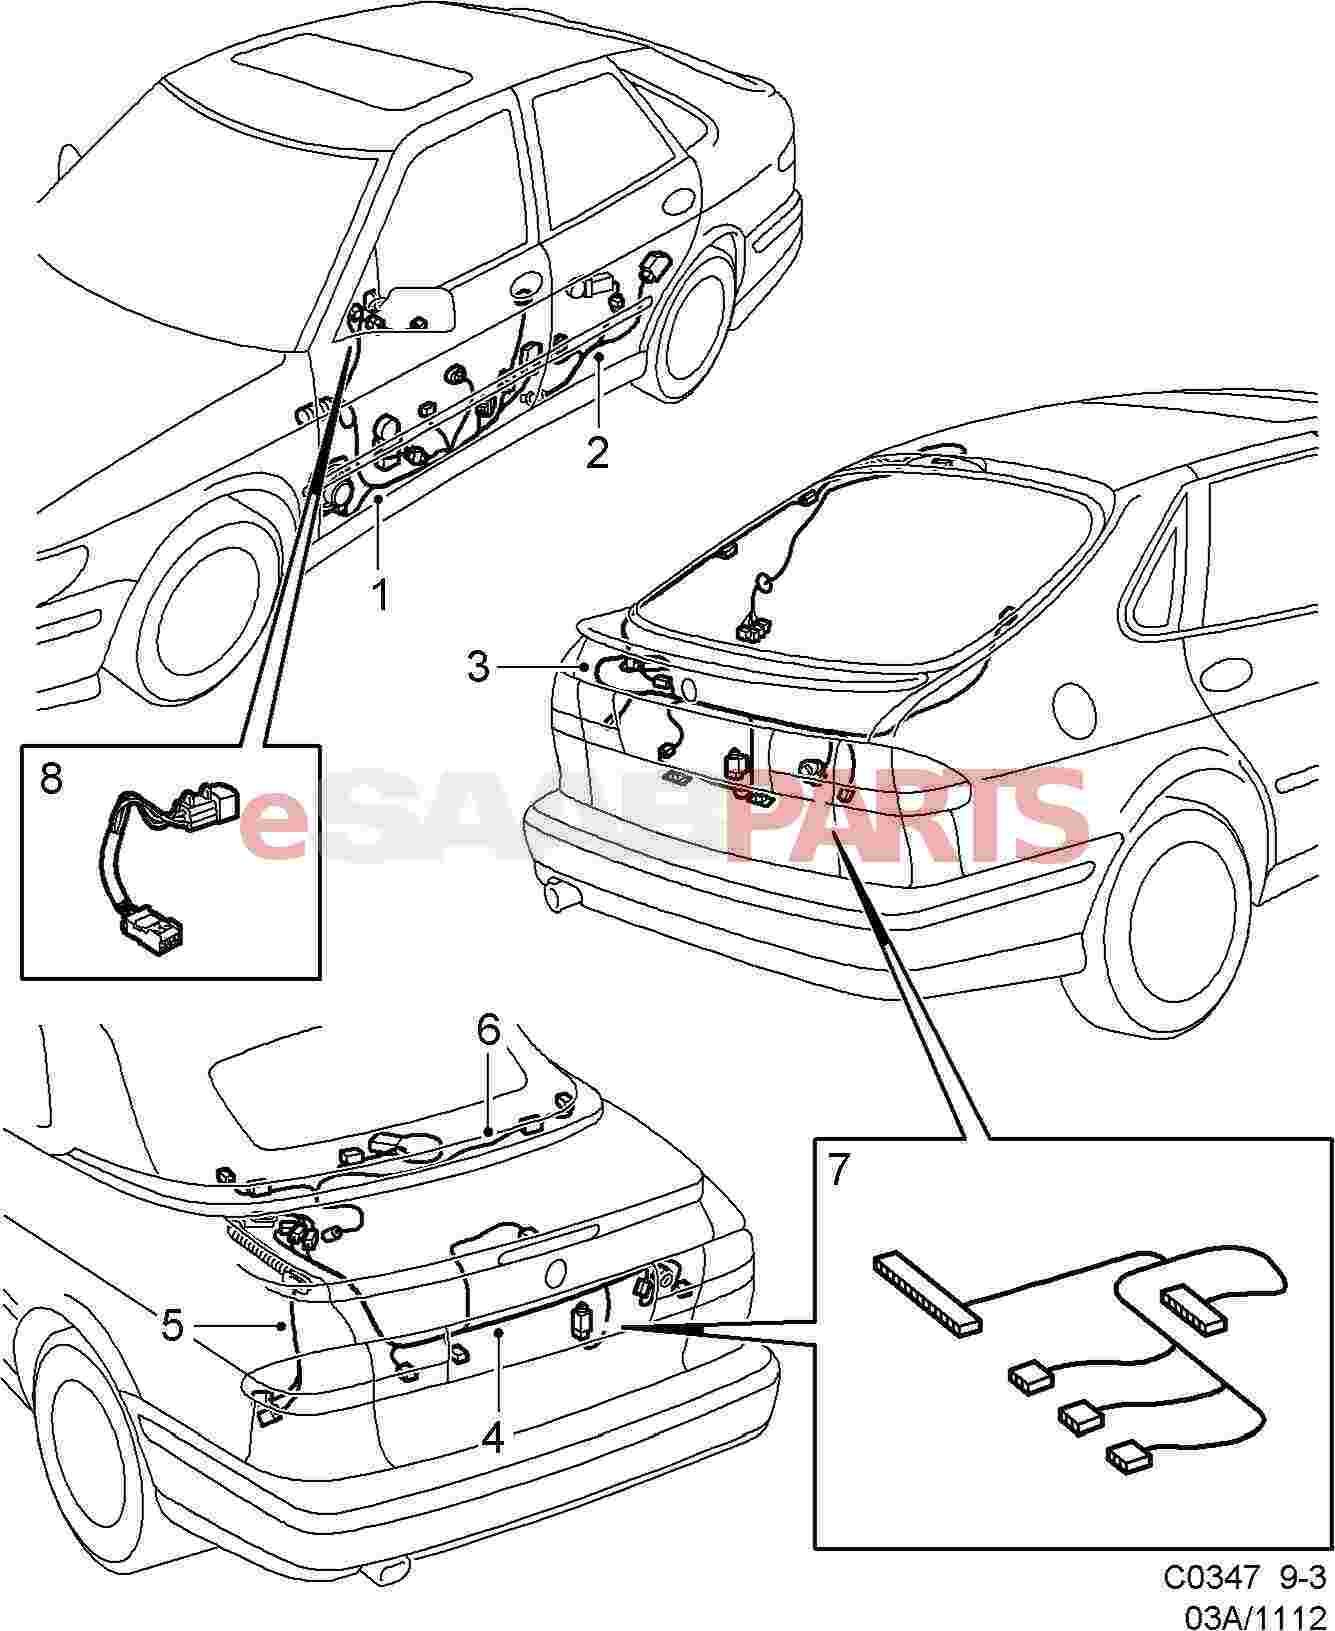 eSaabParts.com - Saab 9-3 (9400) > Electrical Parts > Wiring Harness > Doors